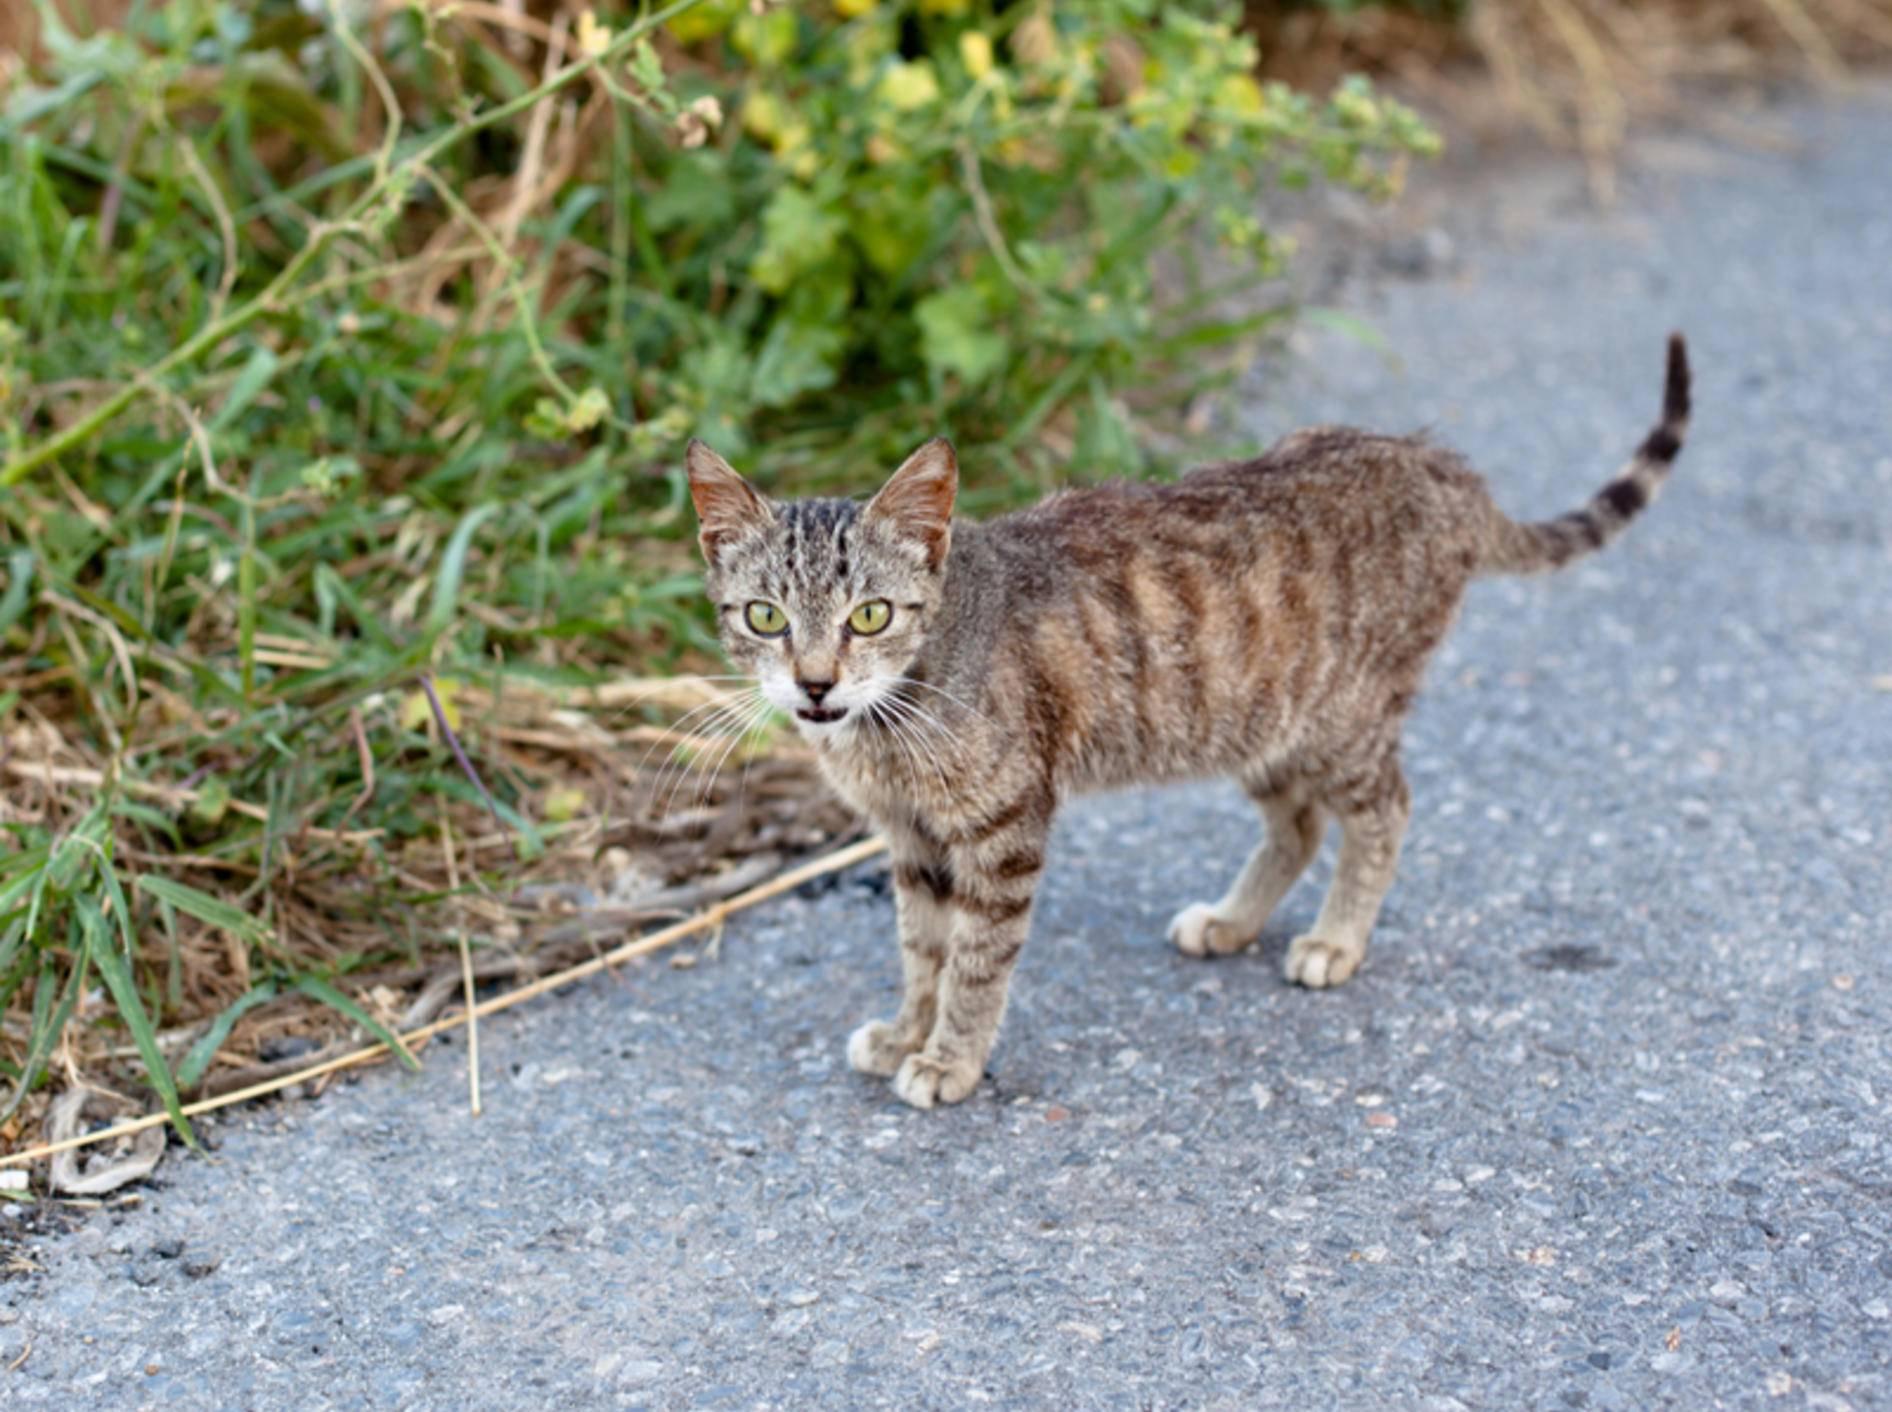 giardien katze kot típusú férgek a leggyakoribbak